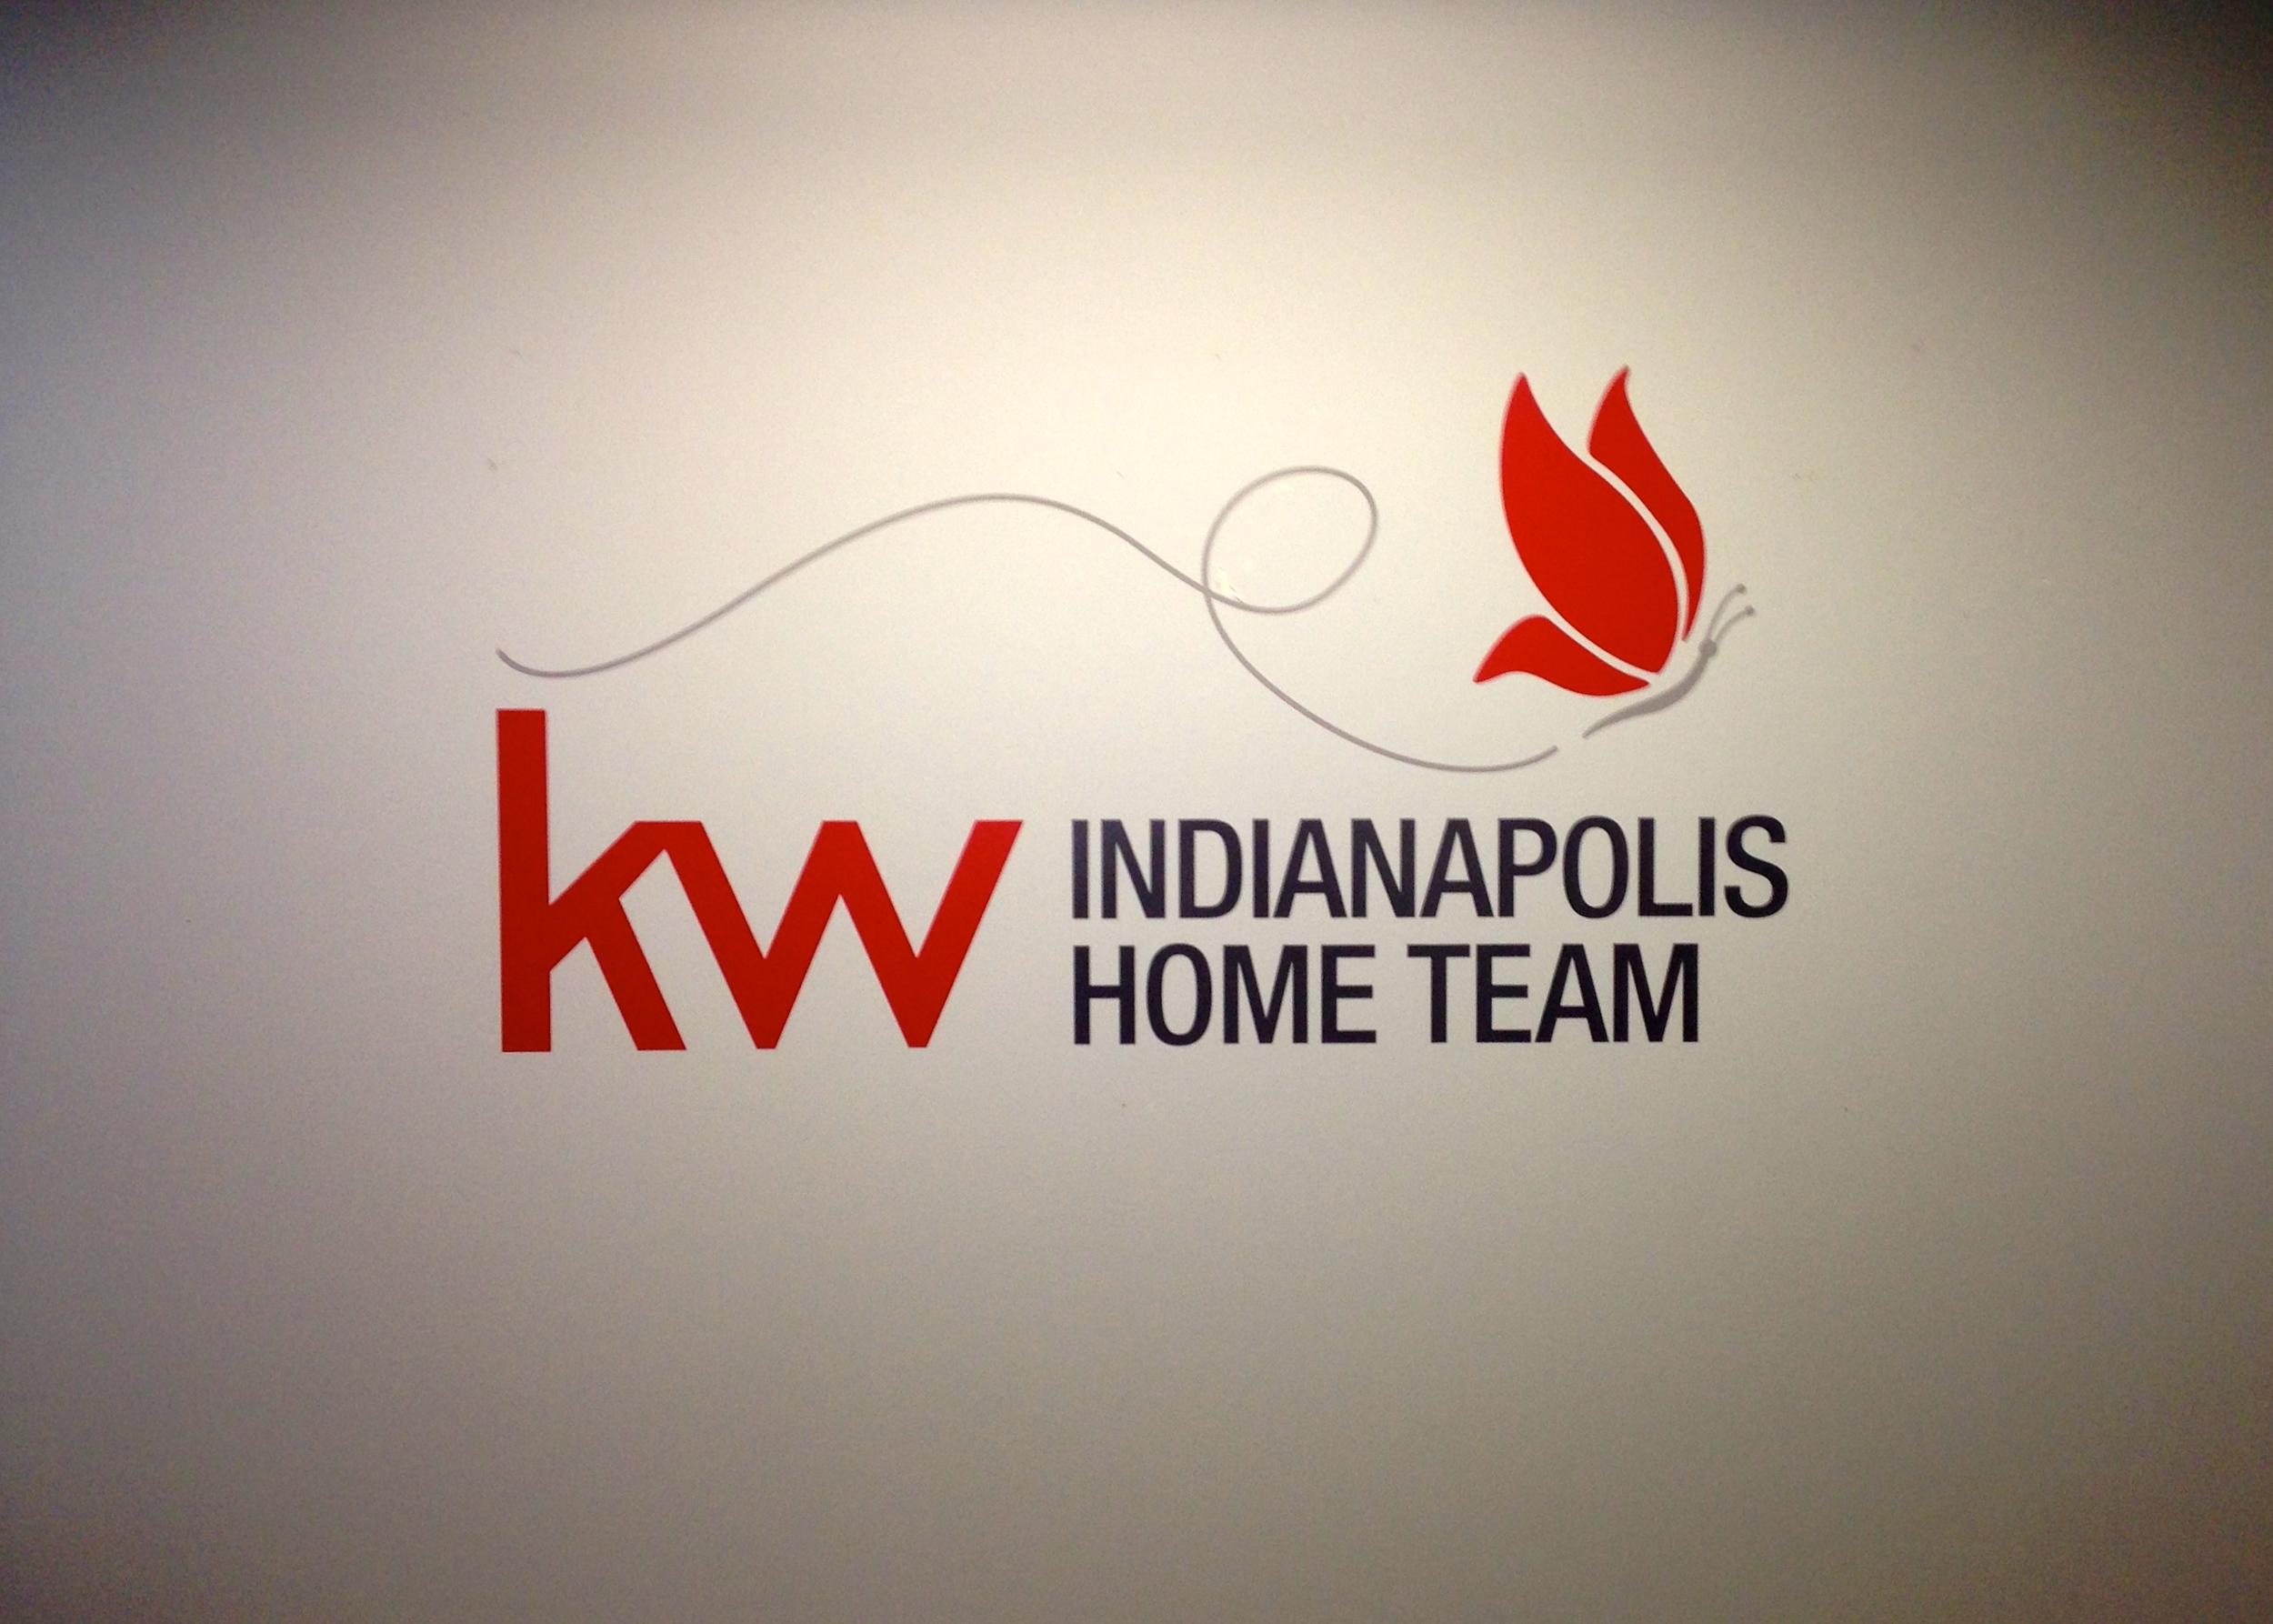 Interior Office Vinyl Wall Logo for Keller Williams